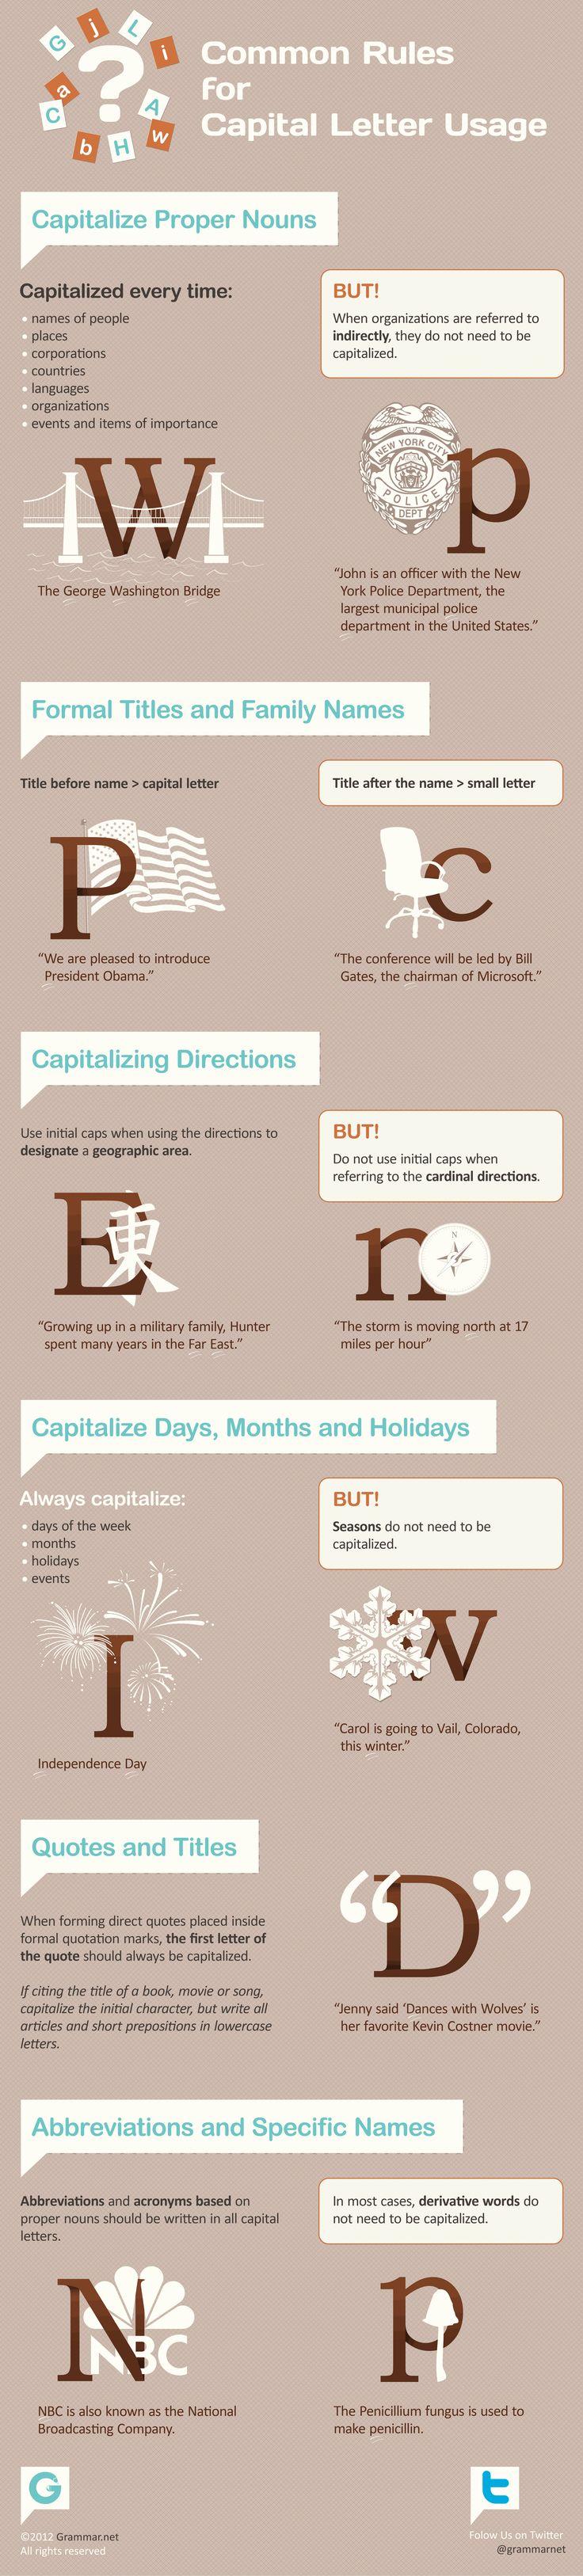 Como Usar As Letras Maiúsculas Em Inglês #infographic #photo